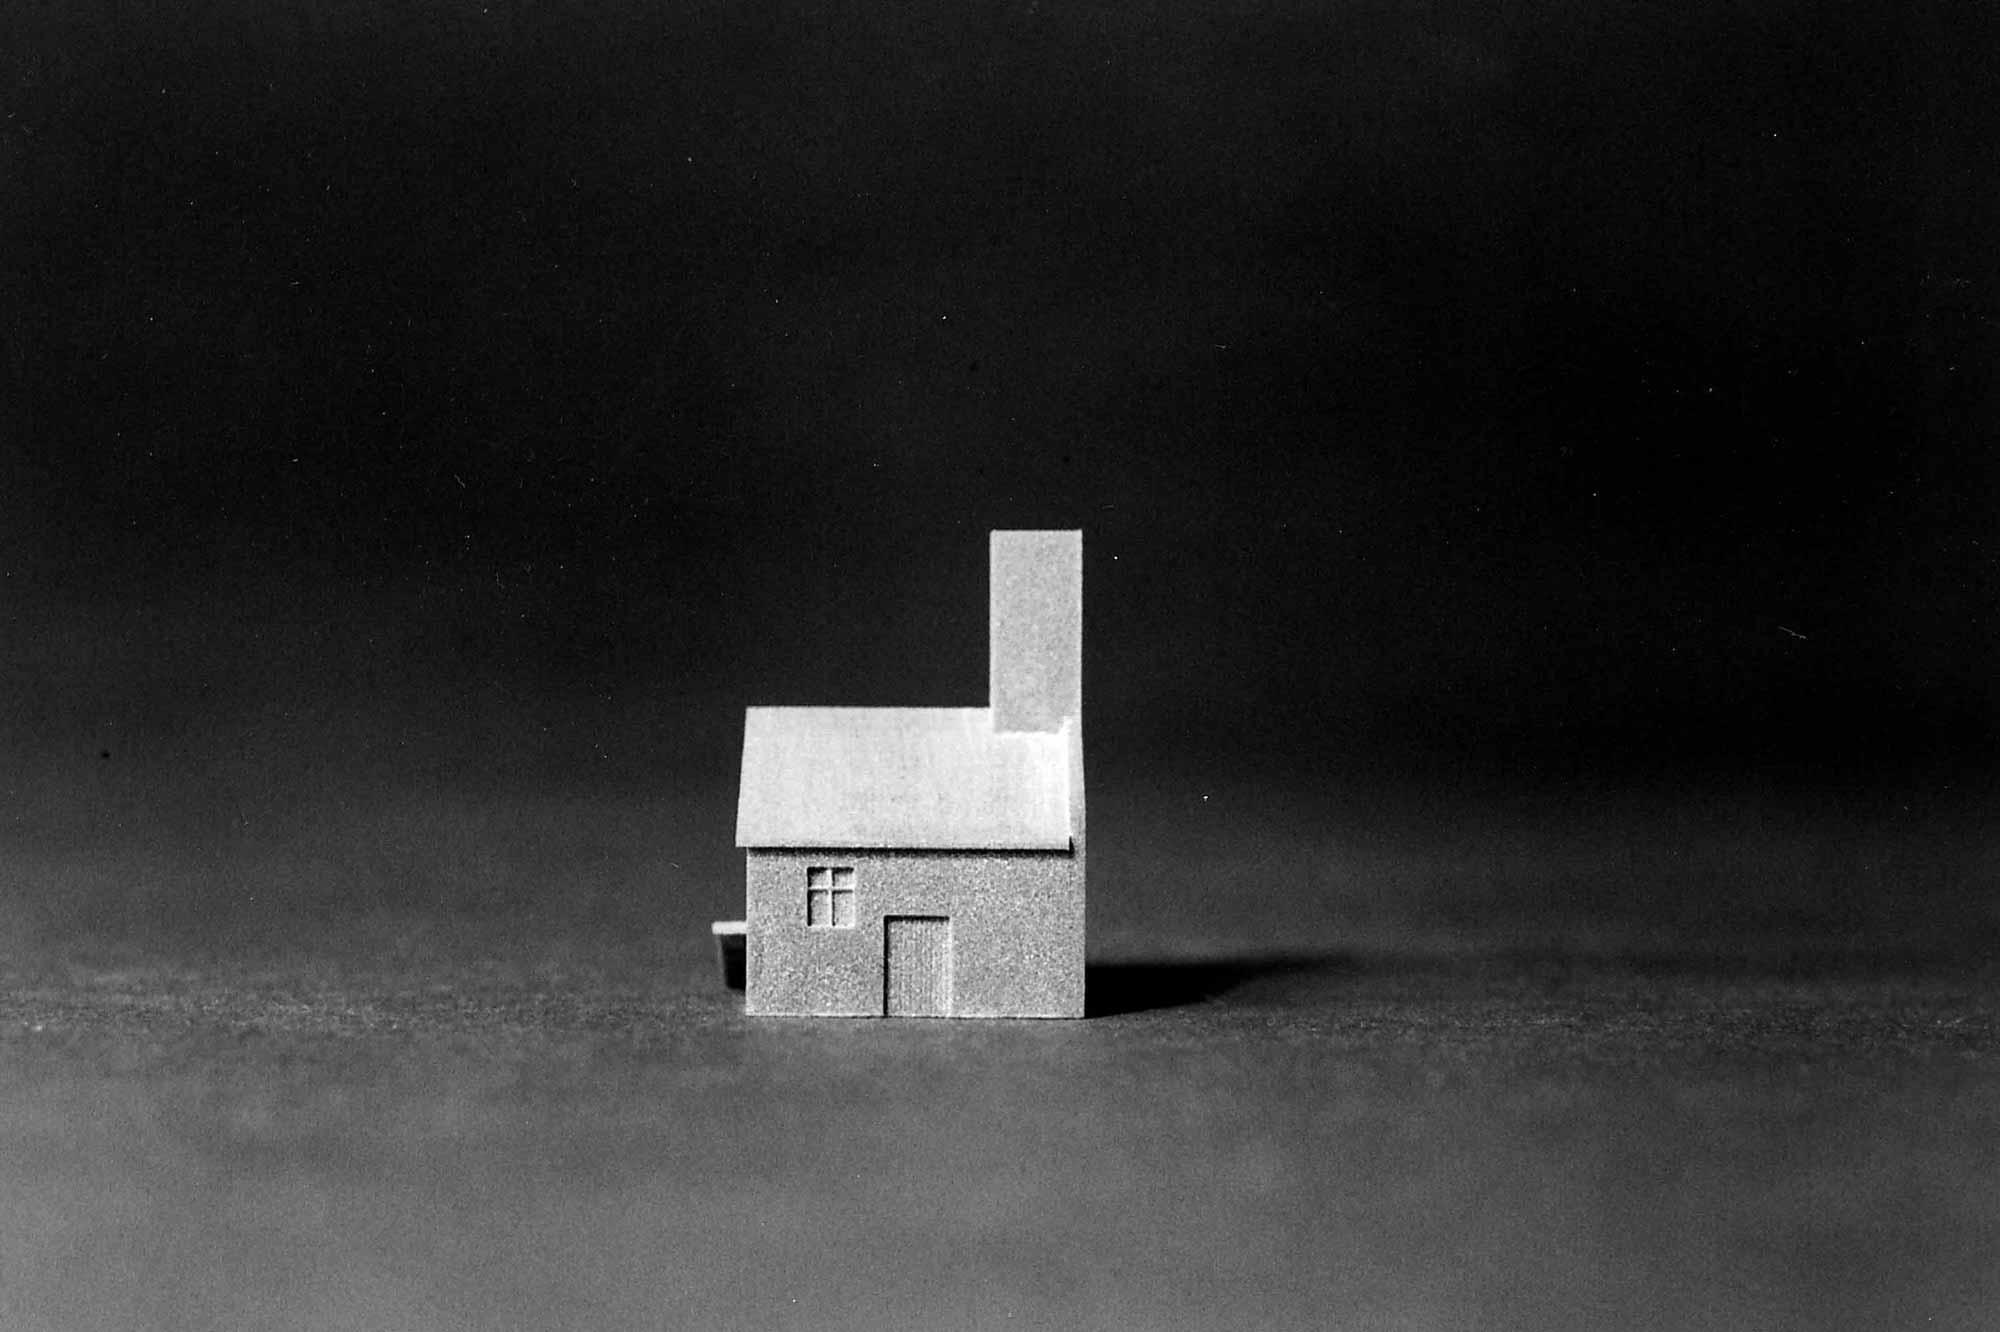 Verhör im Licht, Fotodokumentation, Heizhaus